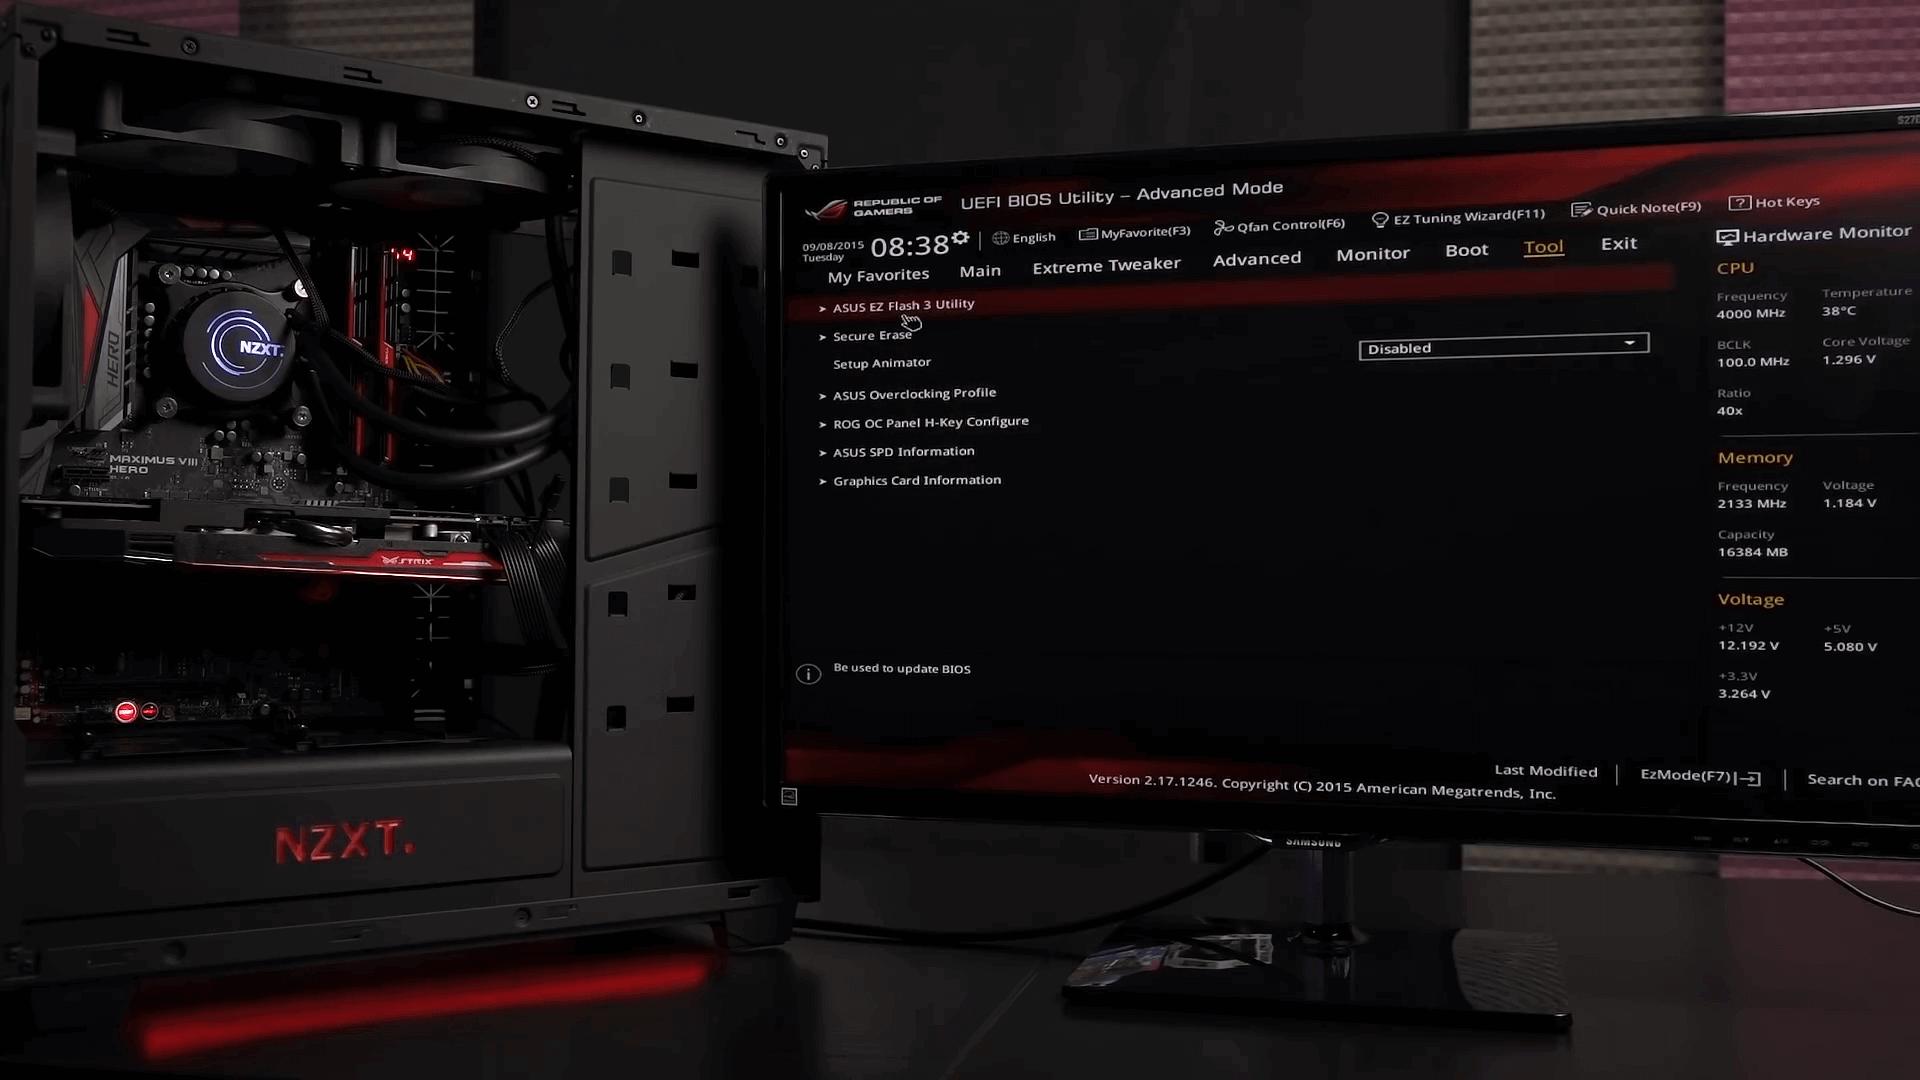 firmware-on-my-desktop-computer